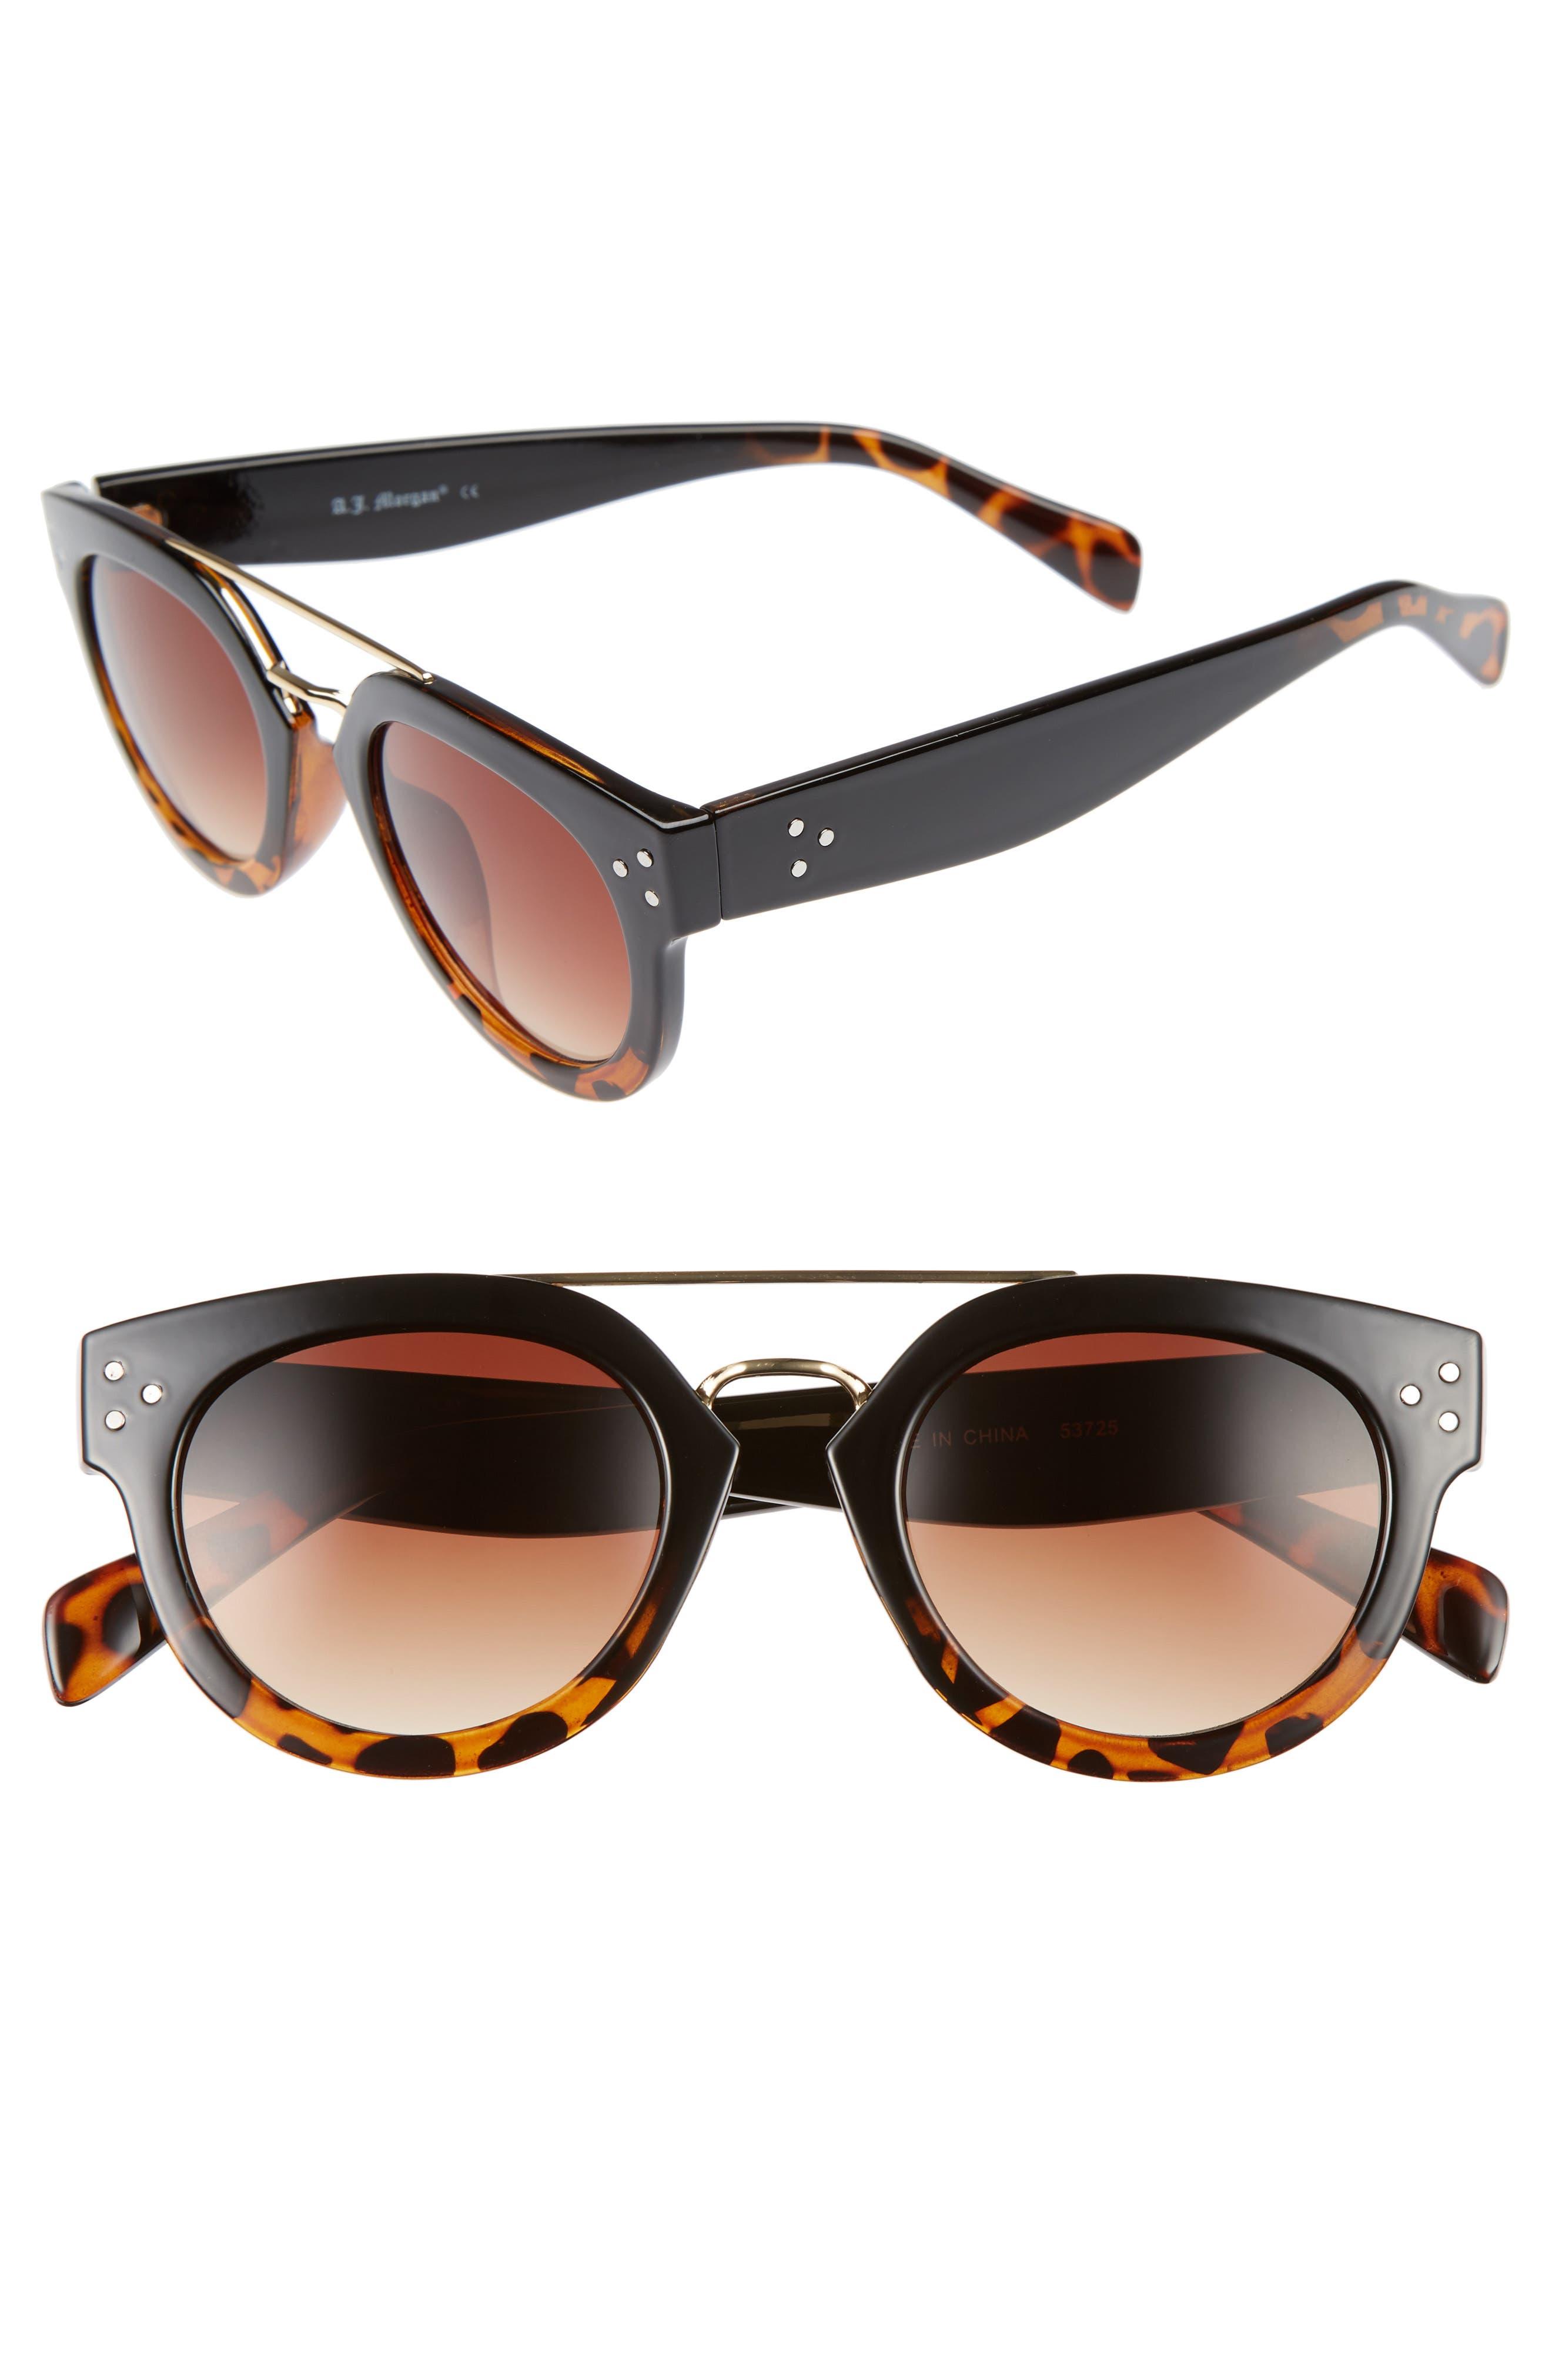 A.J. Morgan Get It 48mm Sunglasses